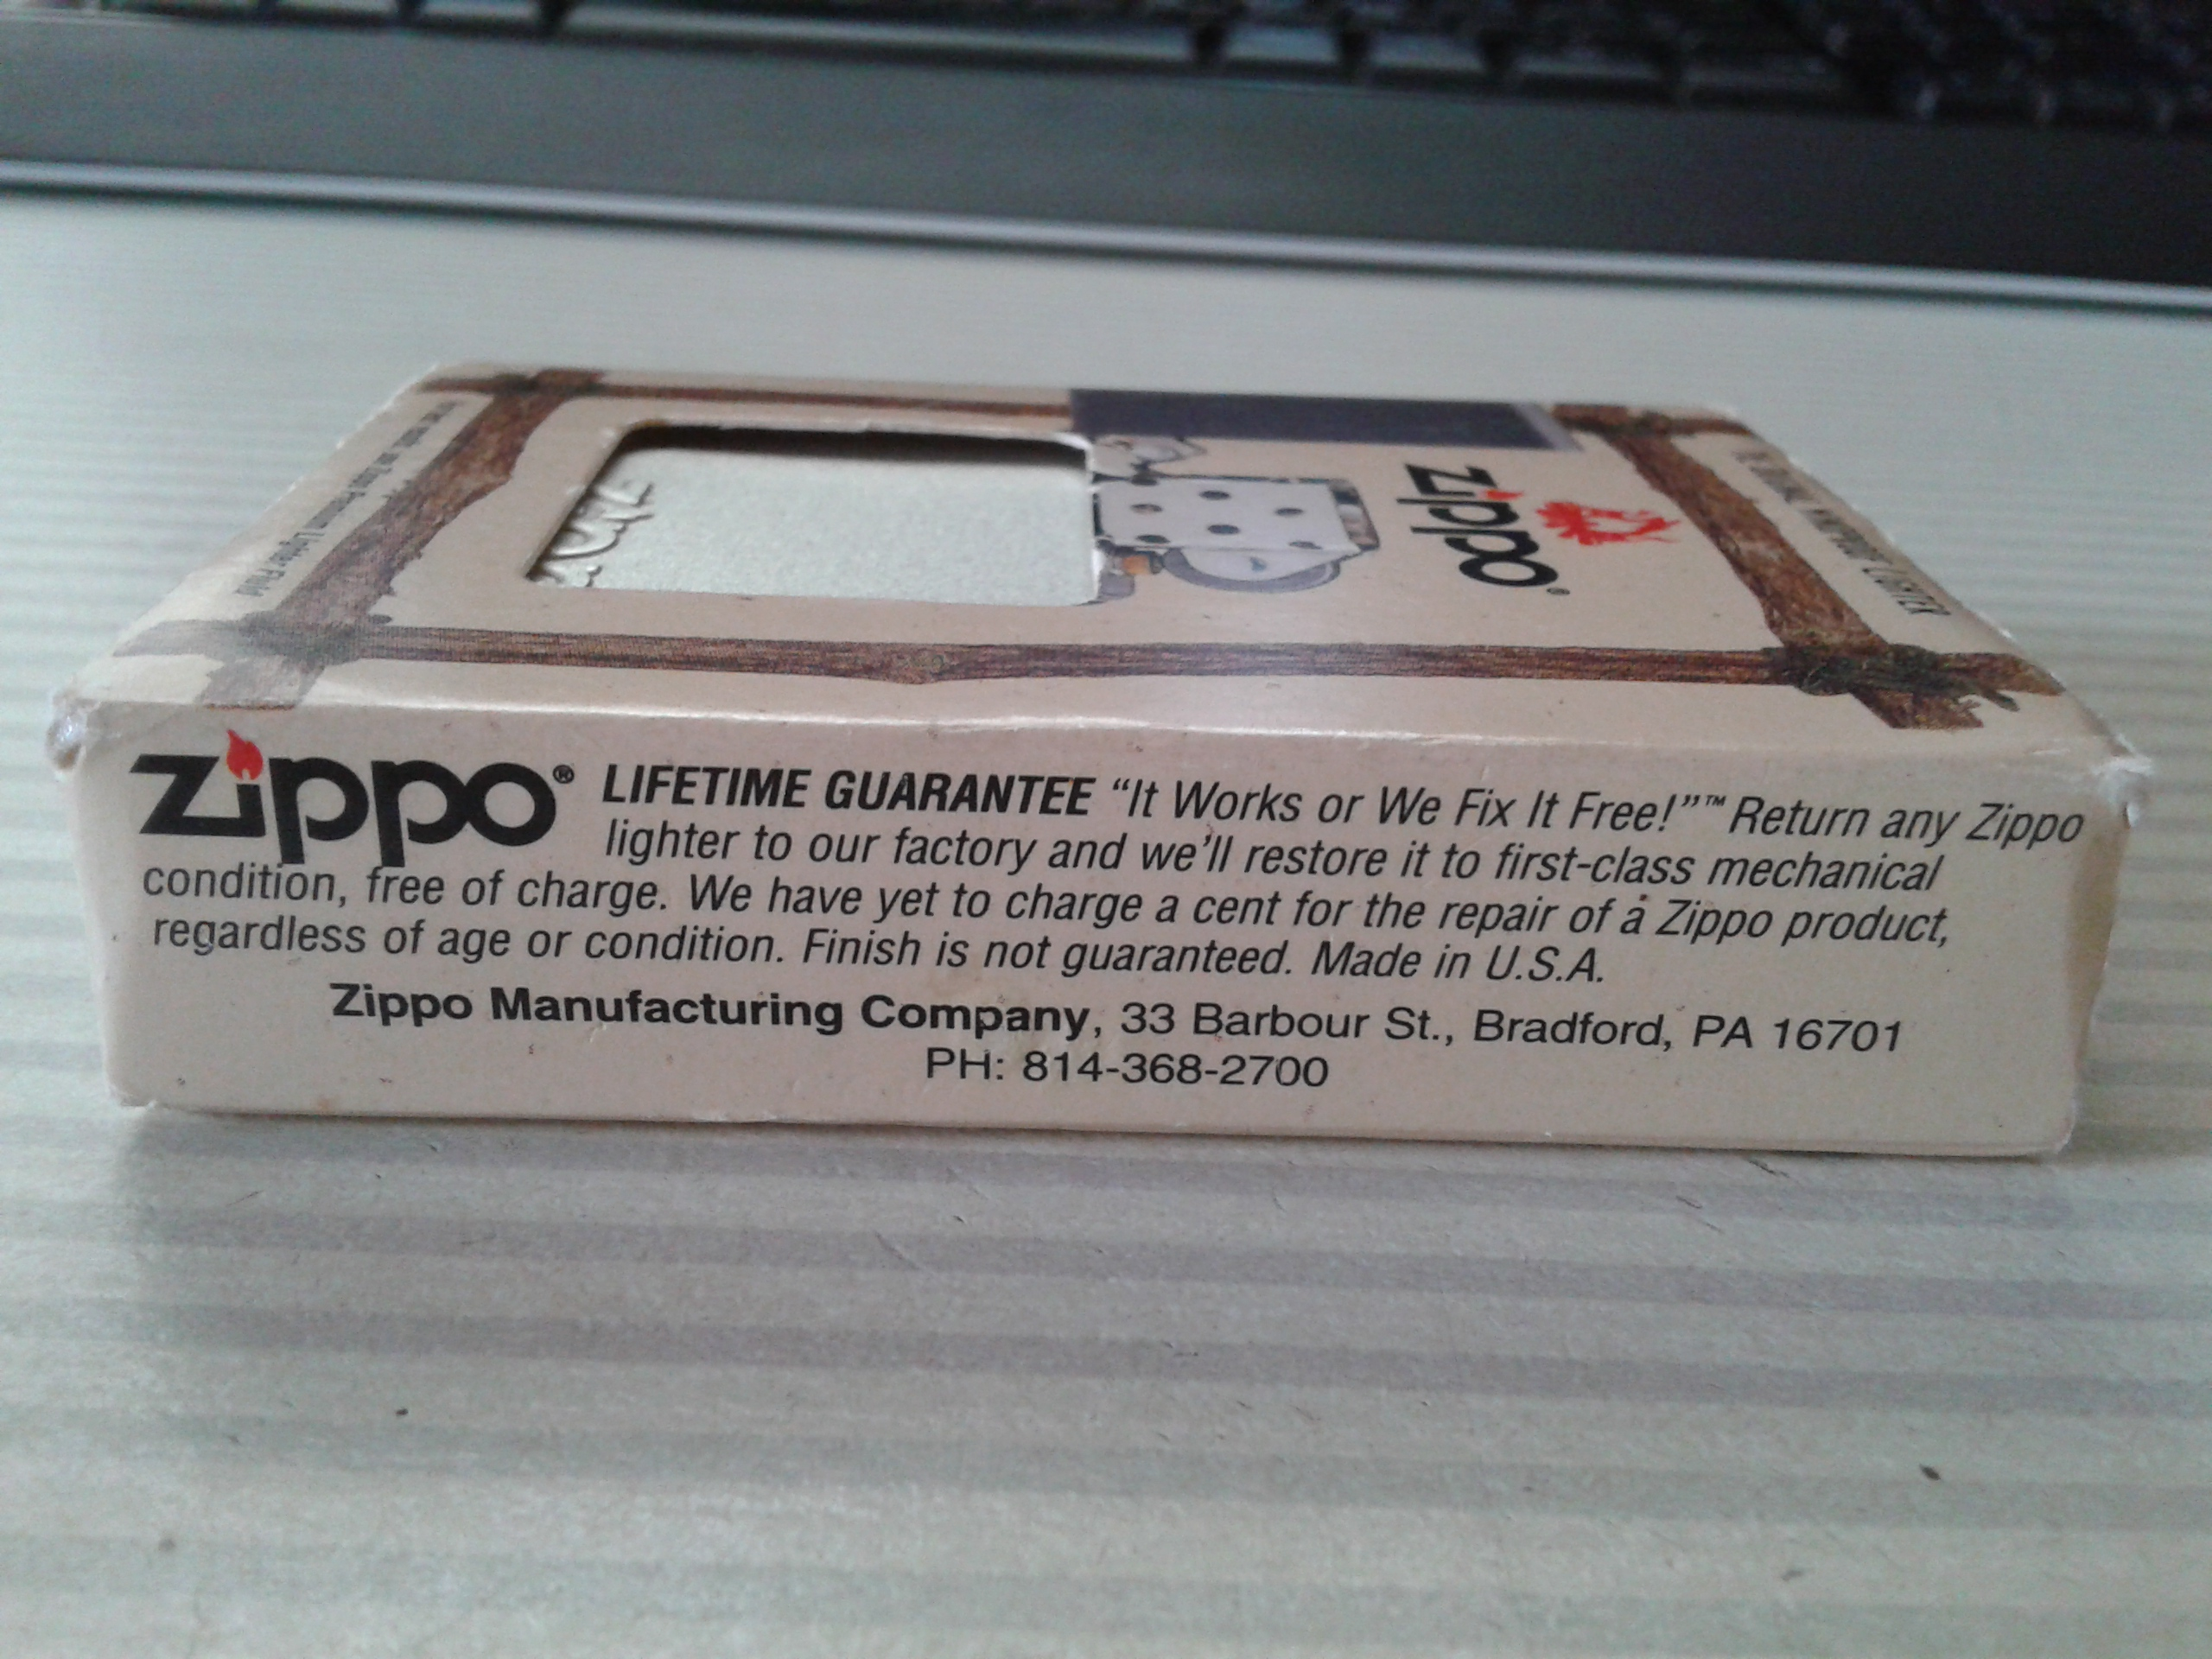 Les boites Zippo au fil du temps - Page 2 171708Windproof2